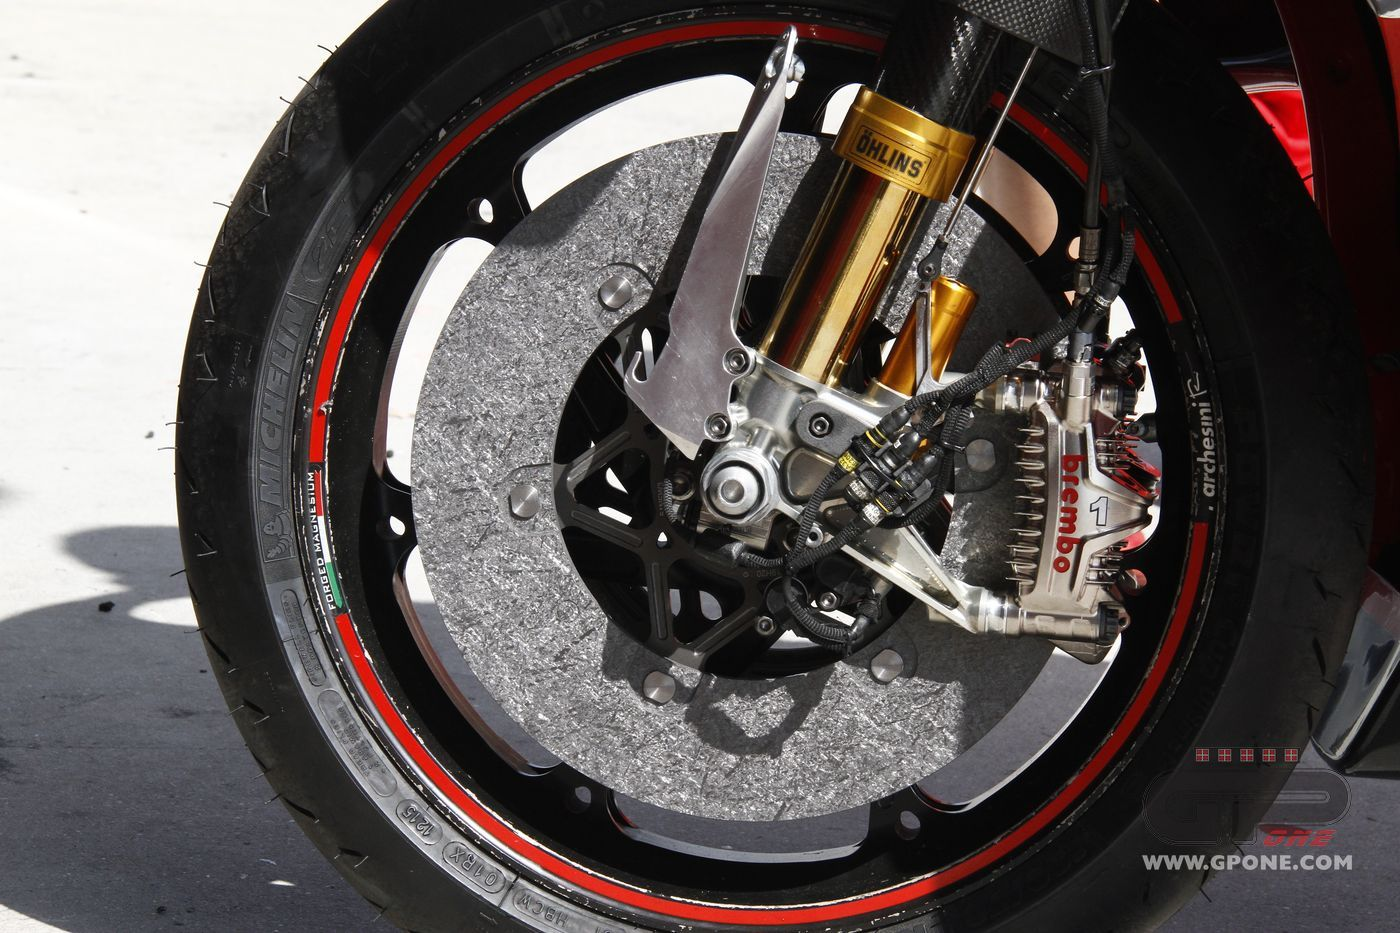 Motogp Brembo Unstoppable Motogp Bikes 10 Braking Effort In 2020 Gpone Com